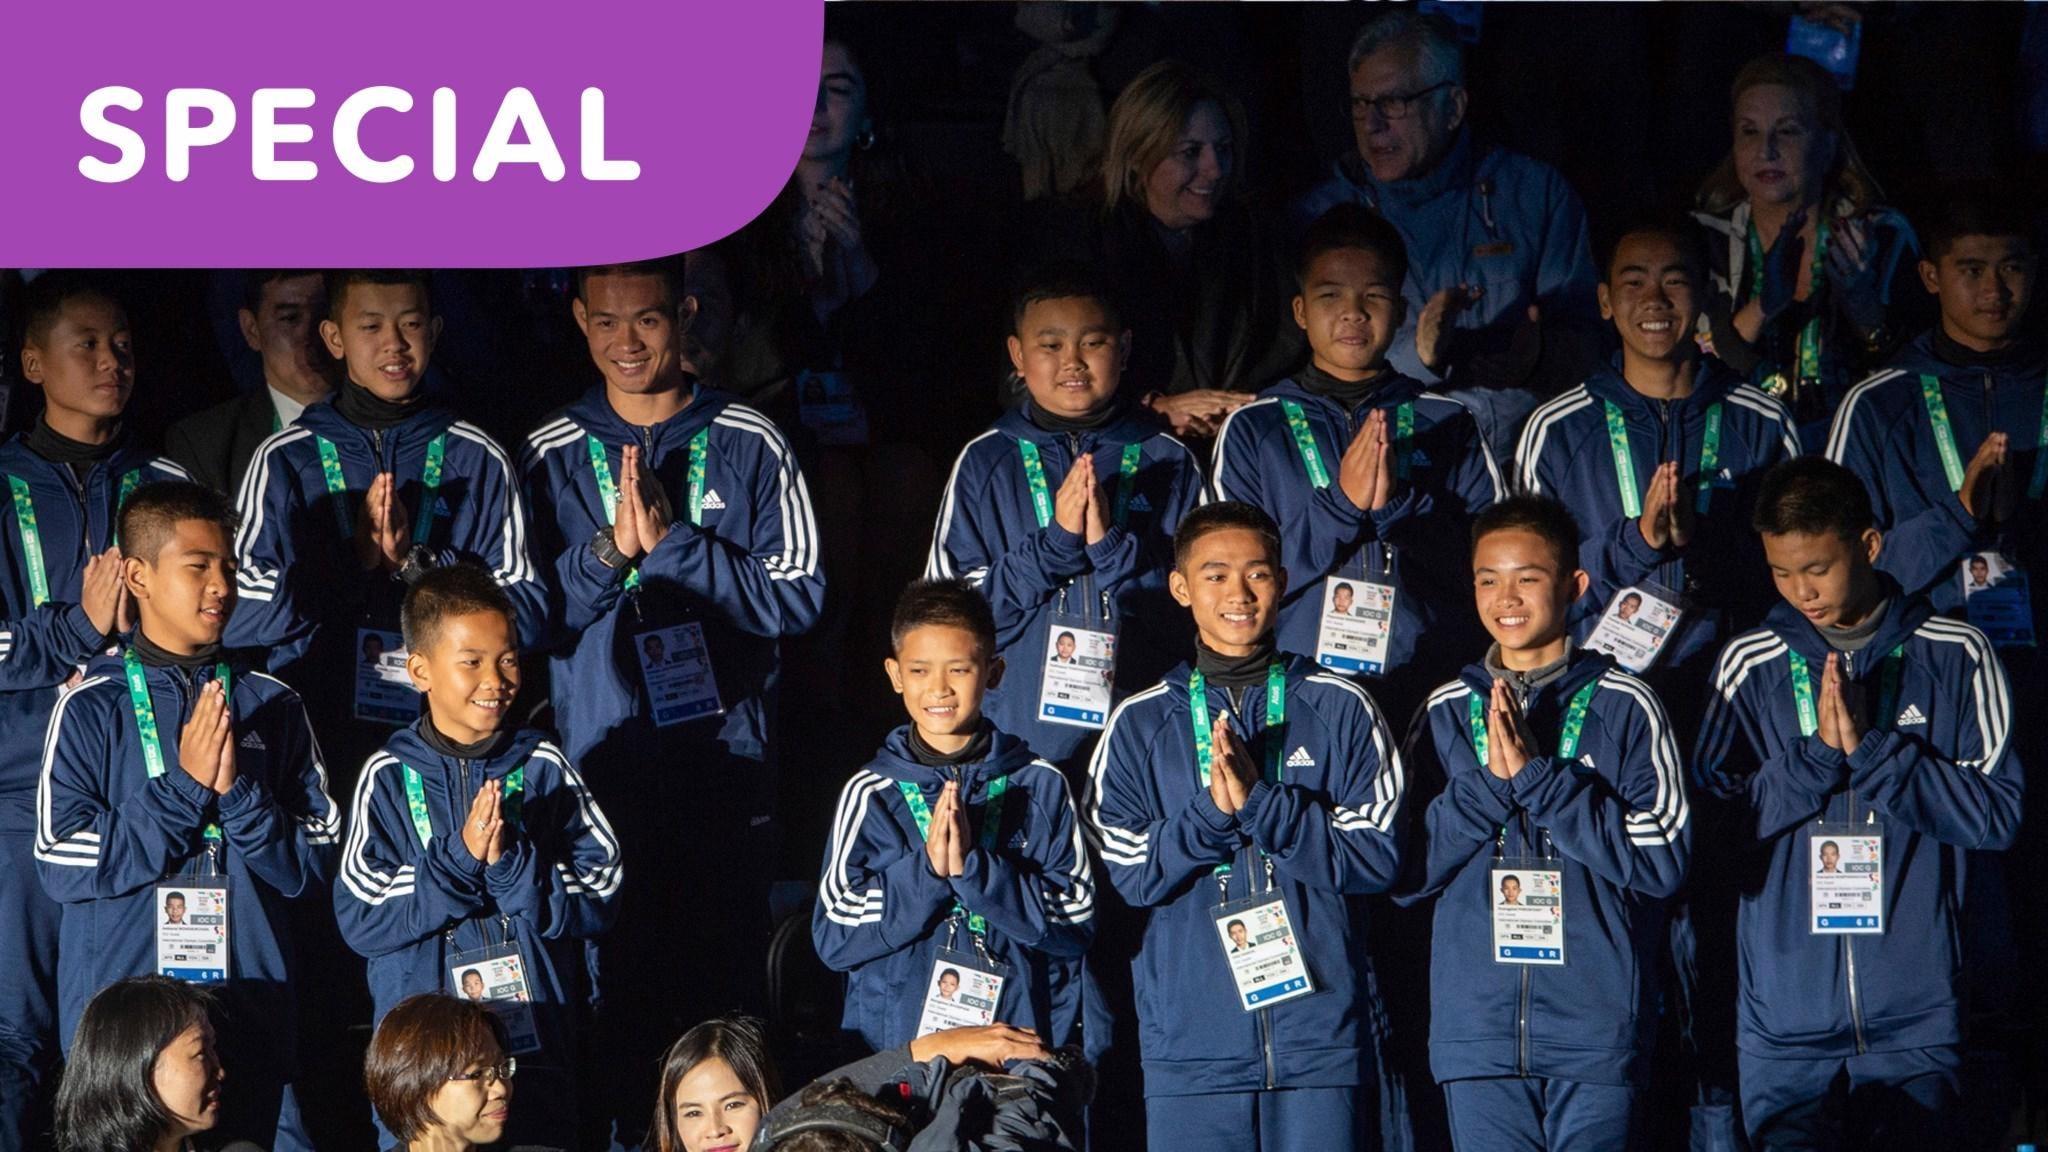 SPECIAL: Fotbollslaget i grottan och räddningen som engagerade världen